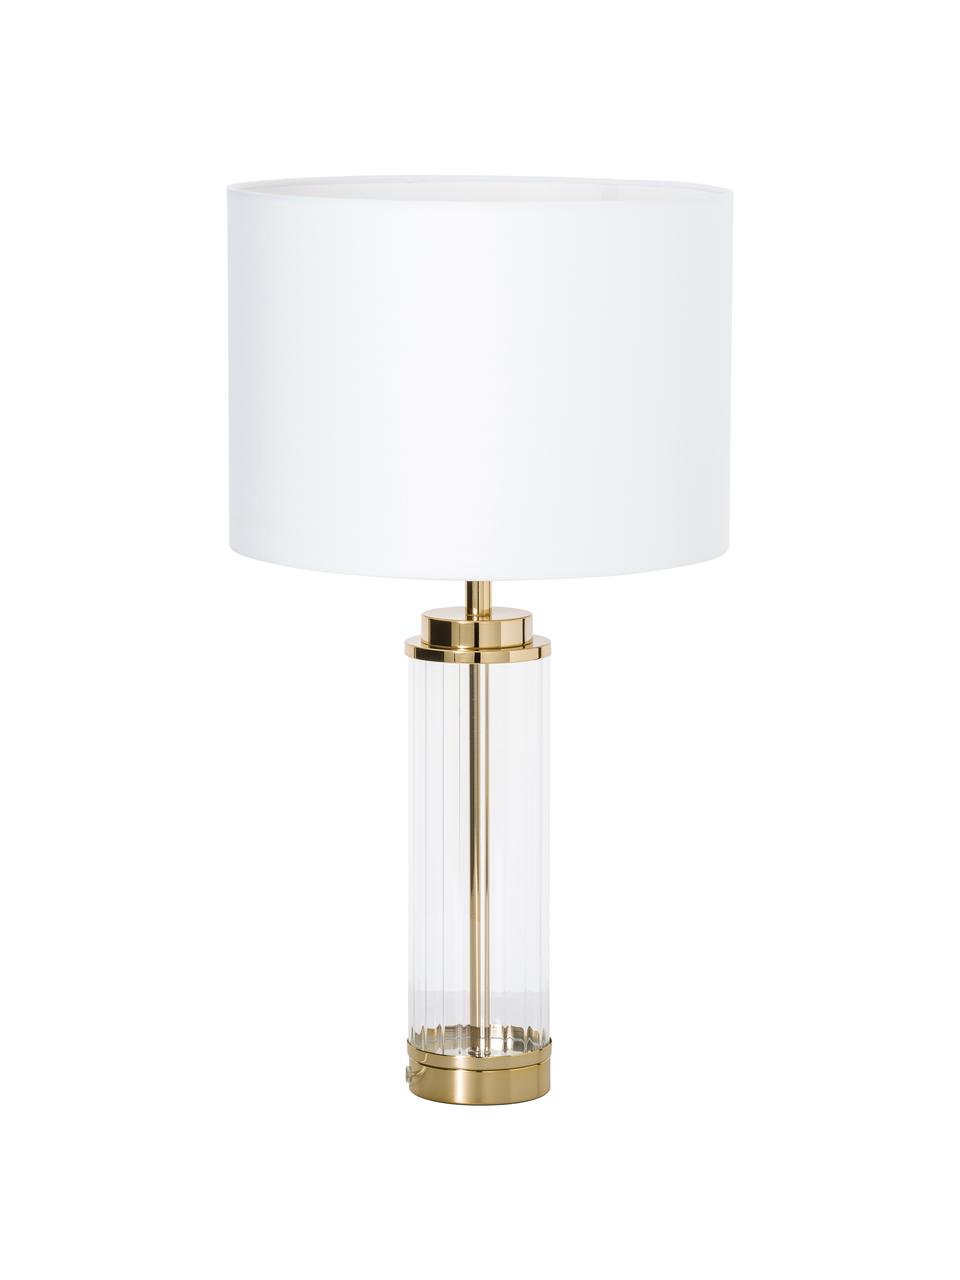 Grande lampe à poser blanc doré Gabor, Abat-jour: crème Pied de lampe: couleur dorée